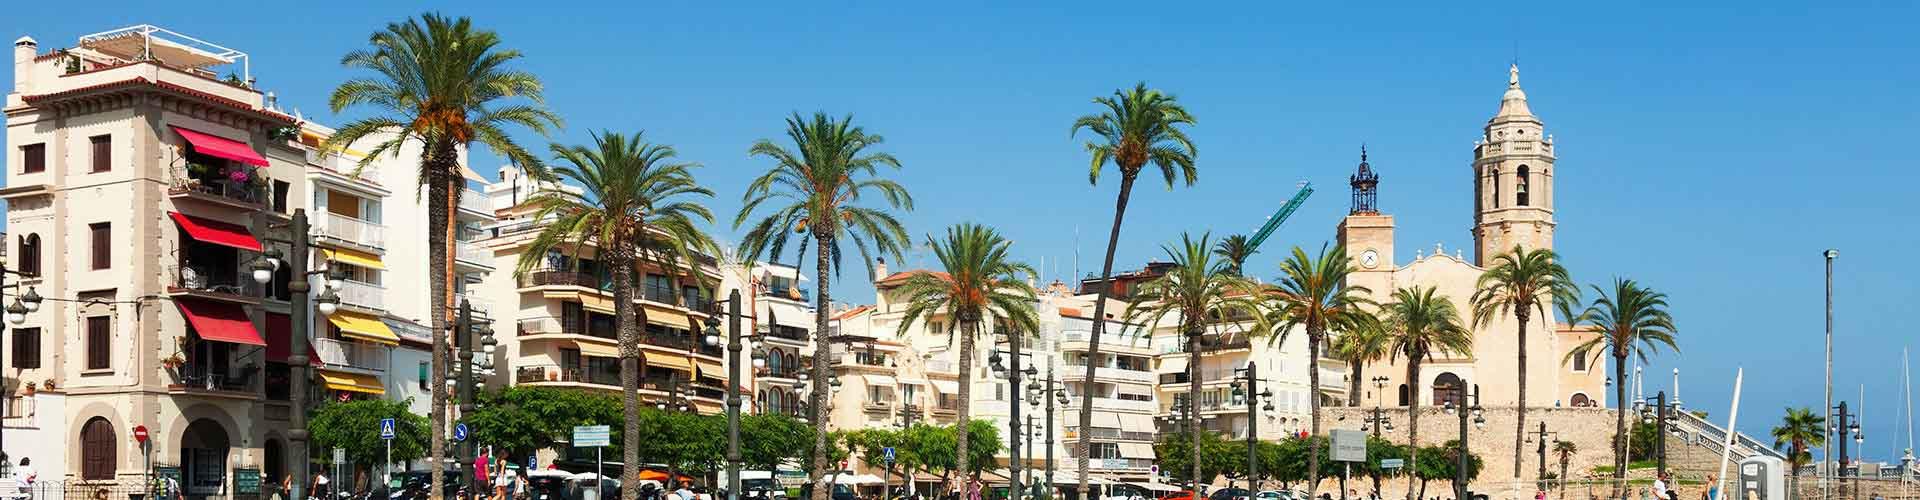 Sitges - Habitaciones en Sitges. Mapas de Sitges, Fotos y comentarios de cada Habitación en Sitges.